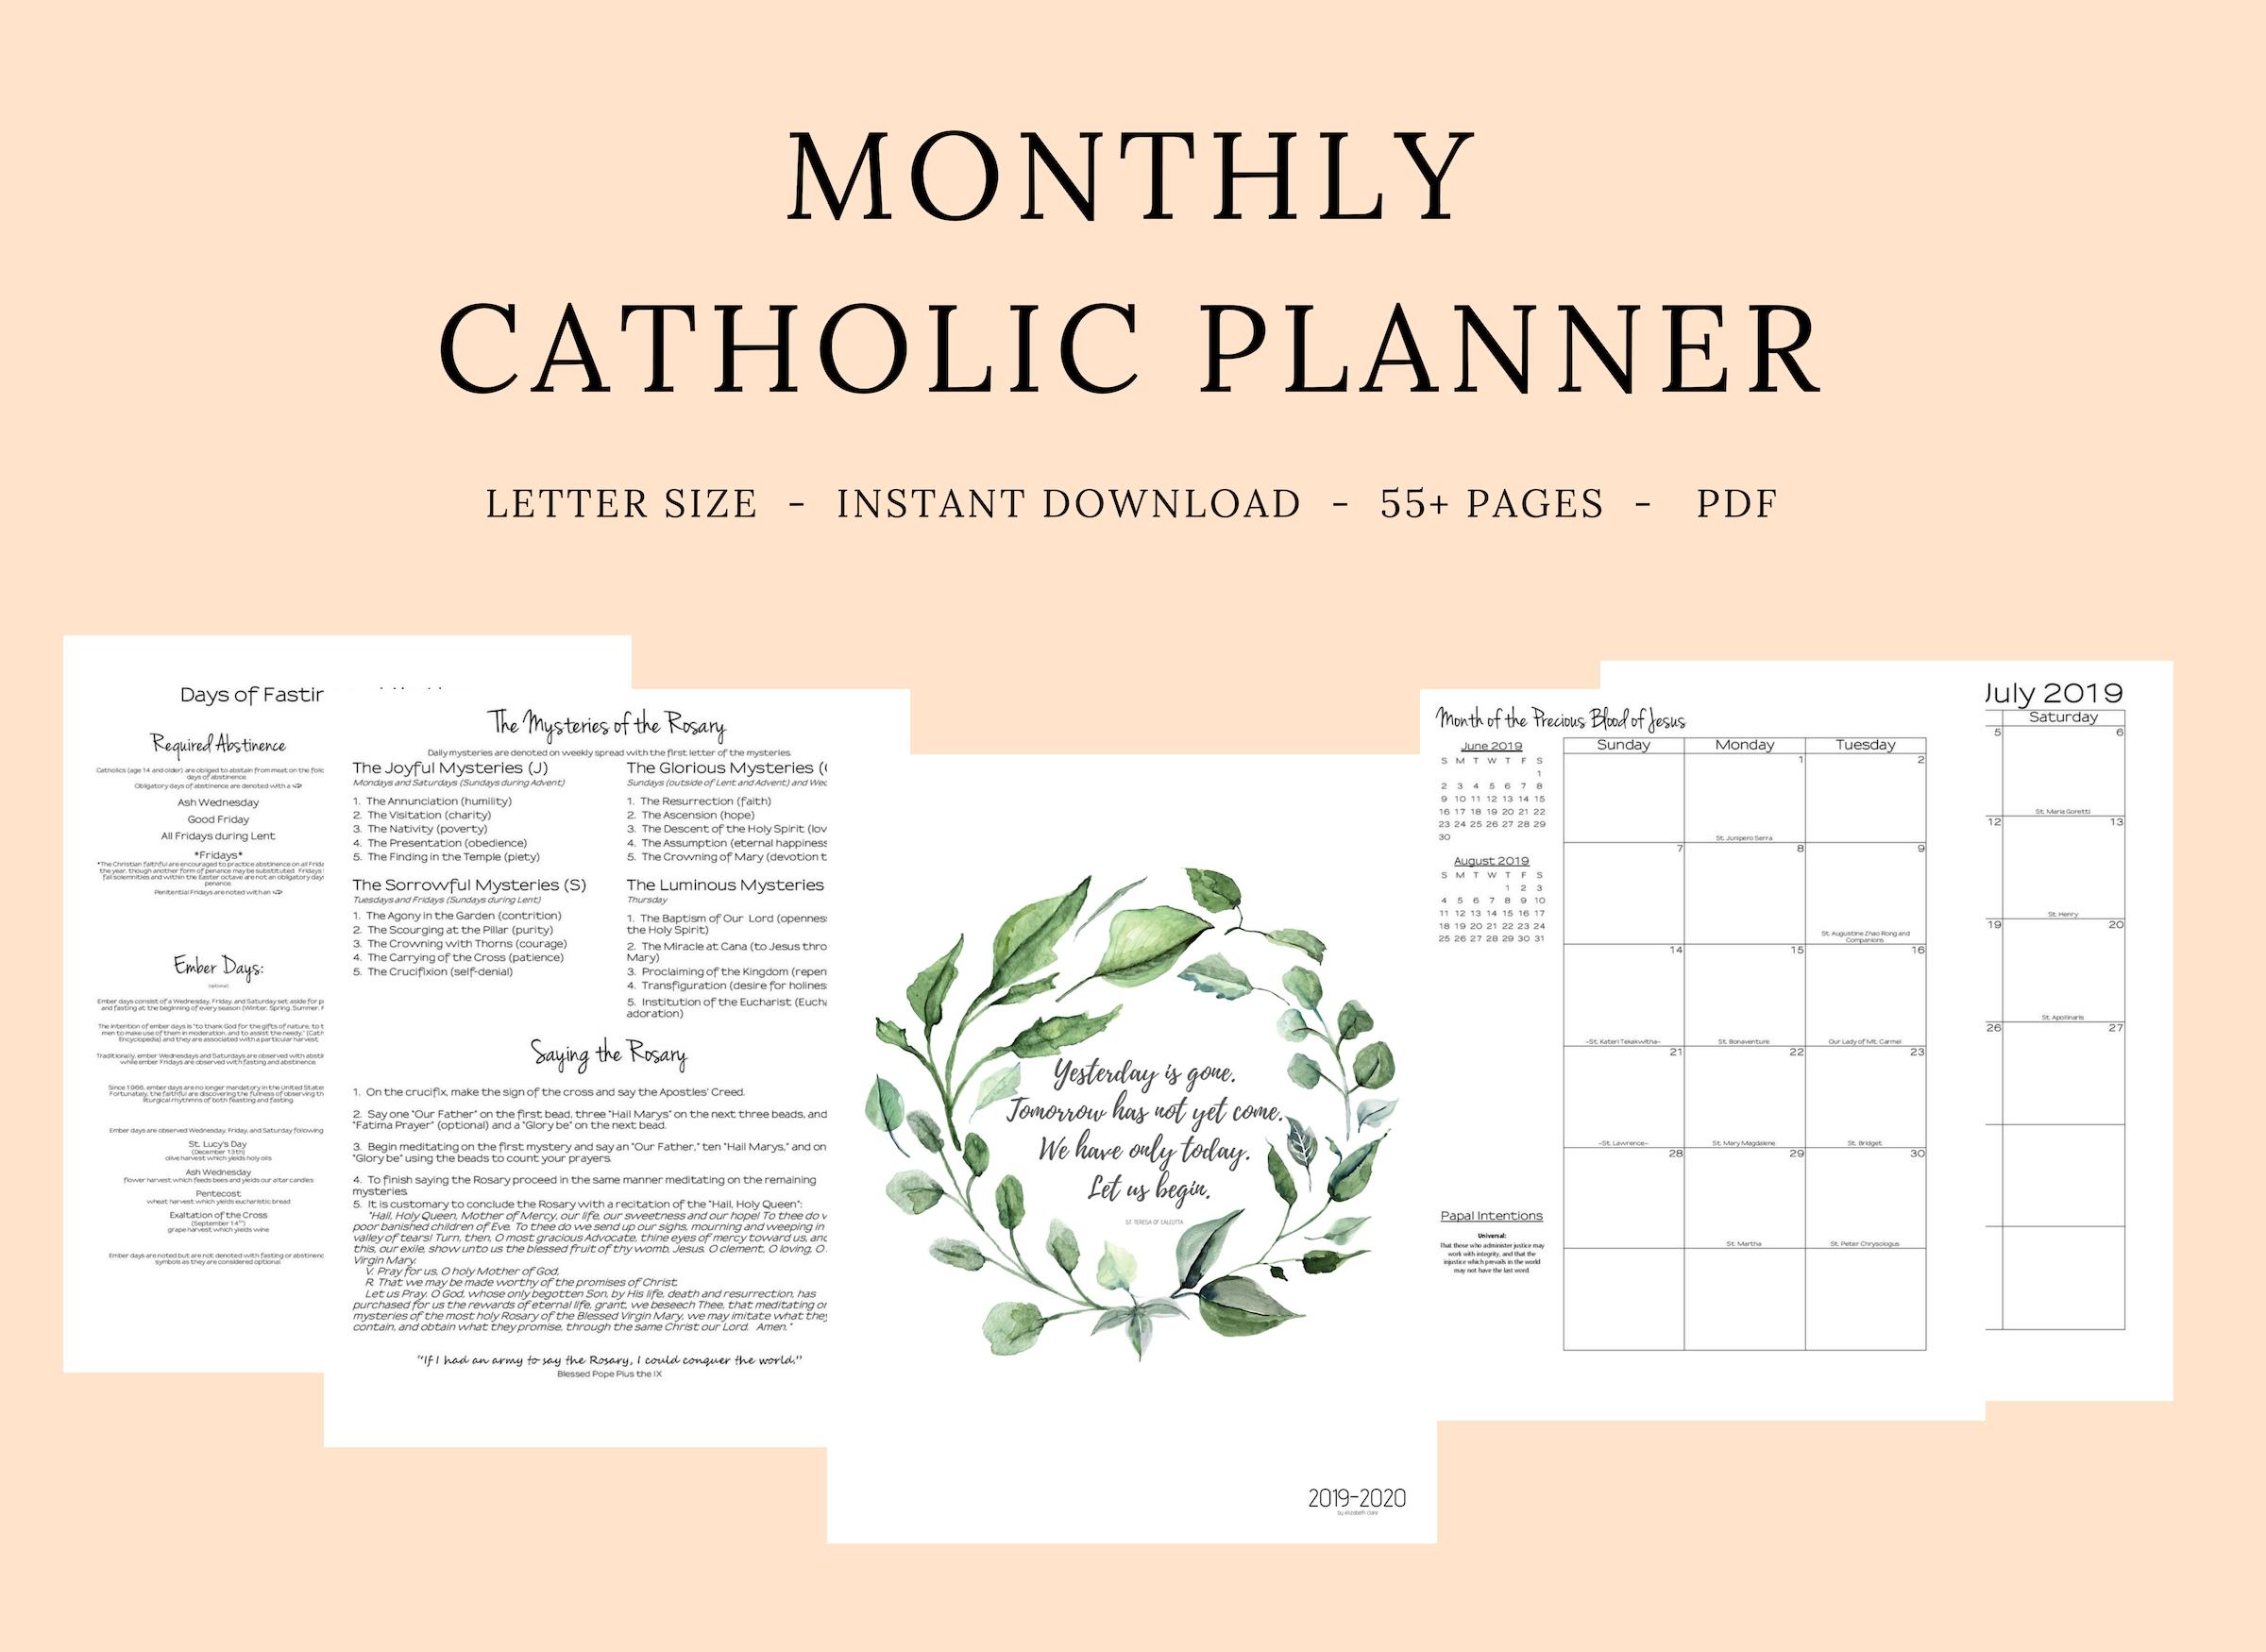 Catholic Liturgical Calendar 2020 Pdf - Calendar Inspiration regarding 2020 Catholic Liturgical Calendar Activities